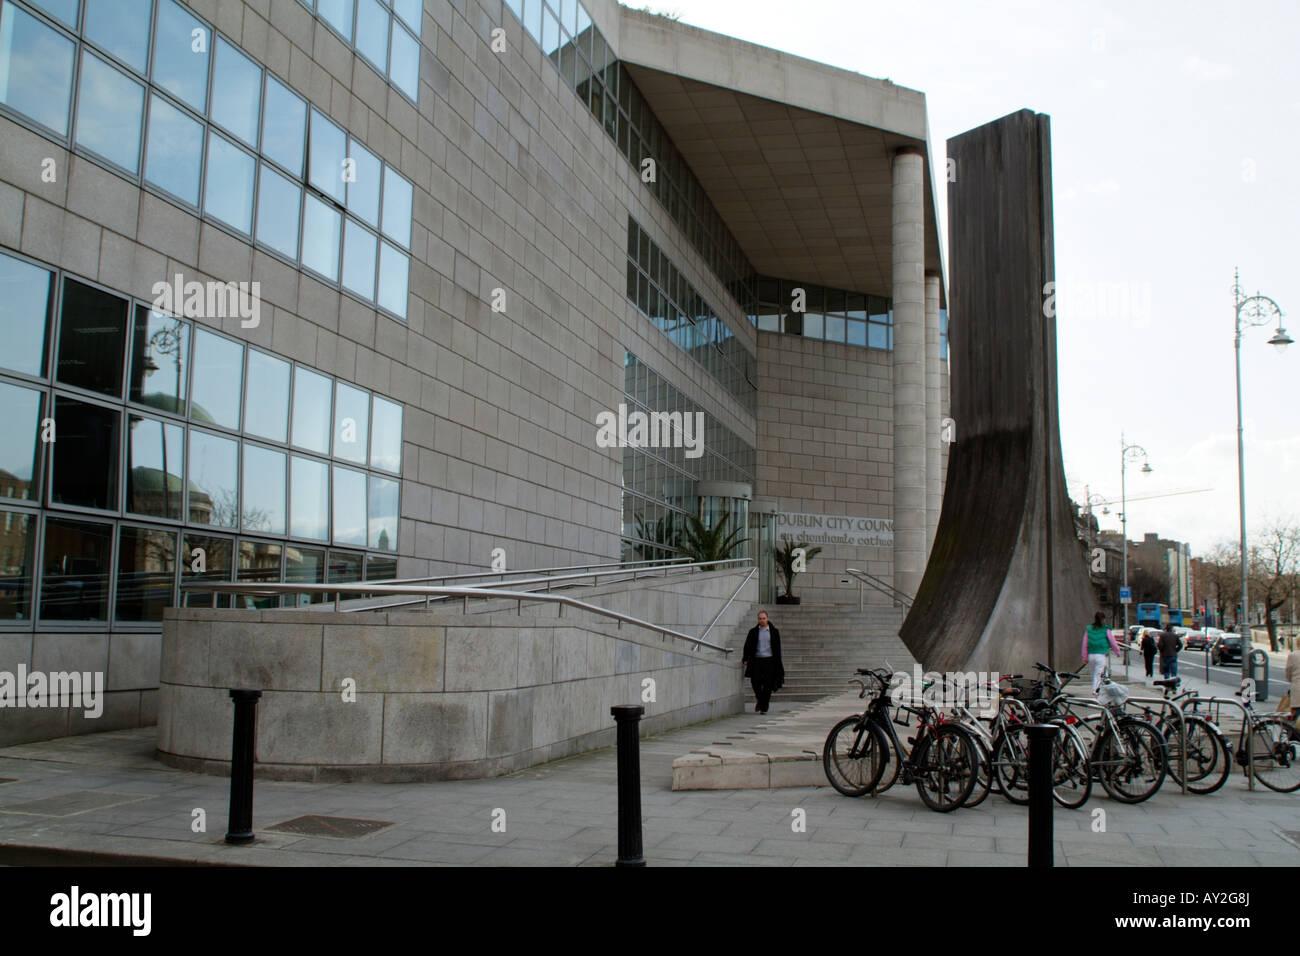 Dublin City Council Offices on Wood Quay Dublin Ireland - Stock Image